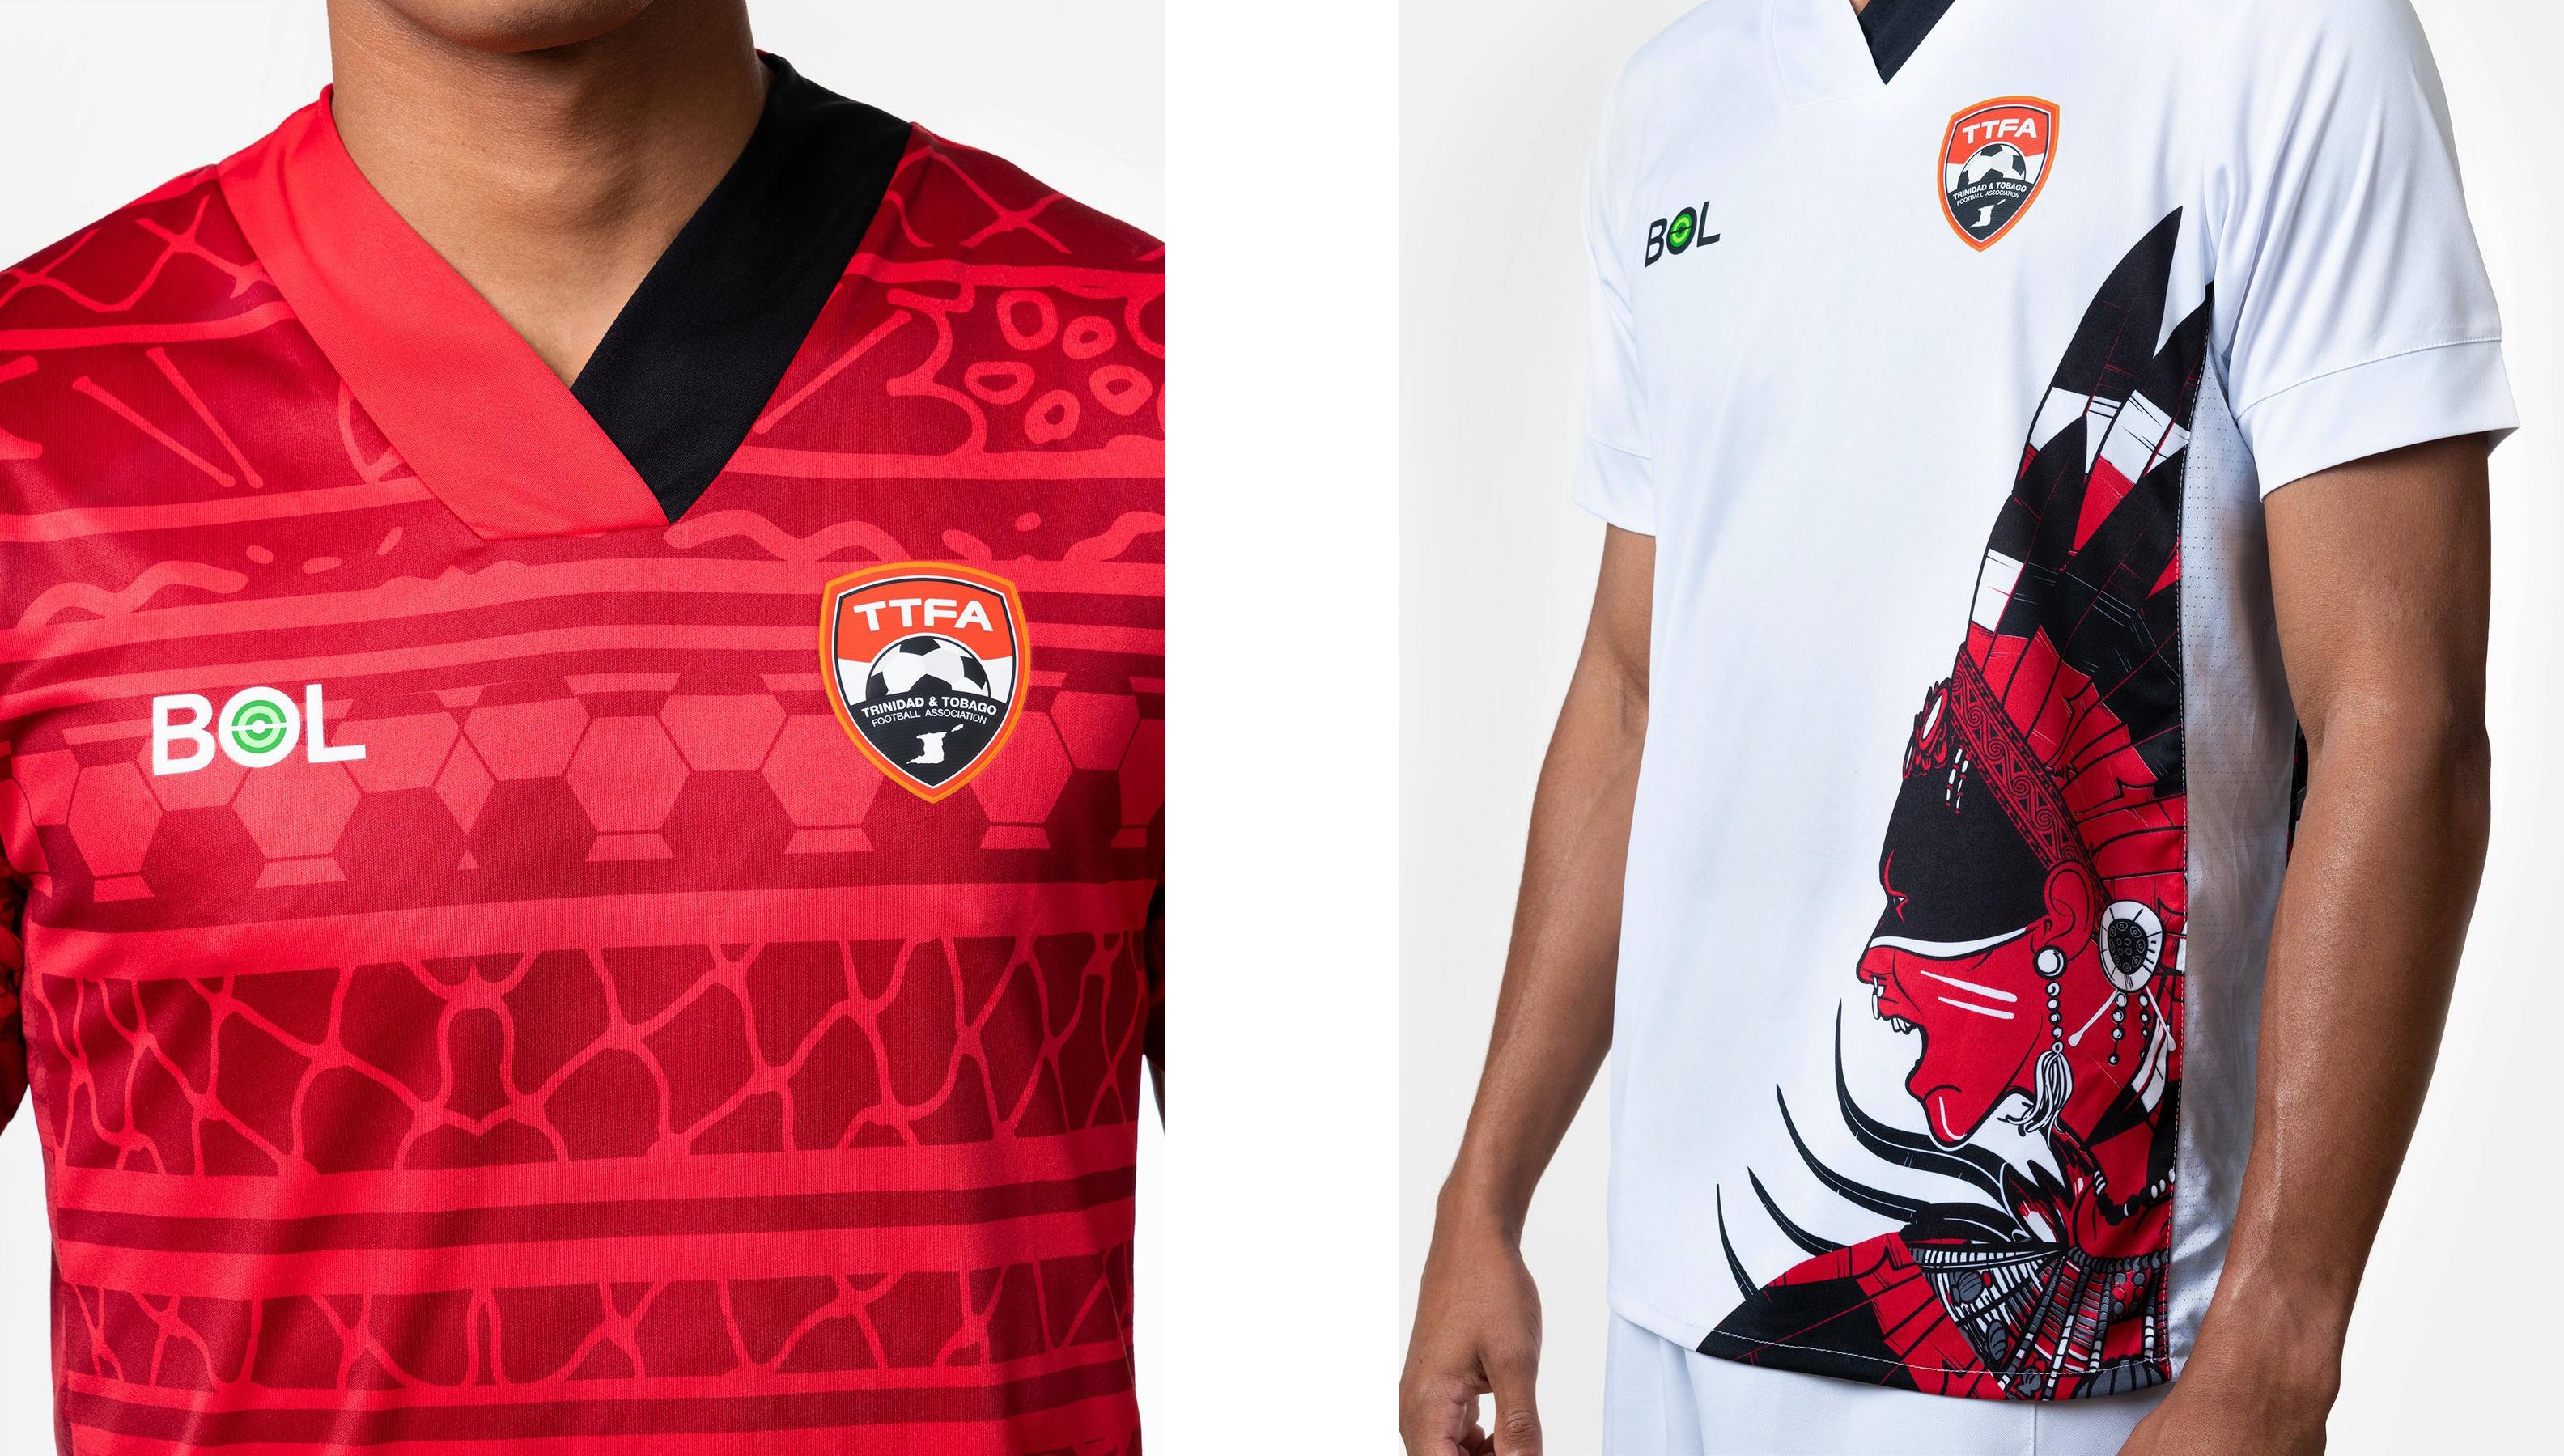 Trinidad and Tobago home and away kits by BOL Football